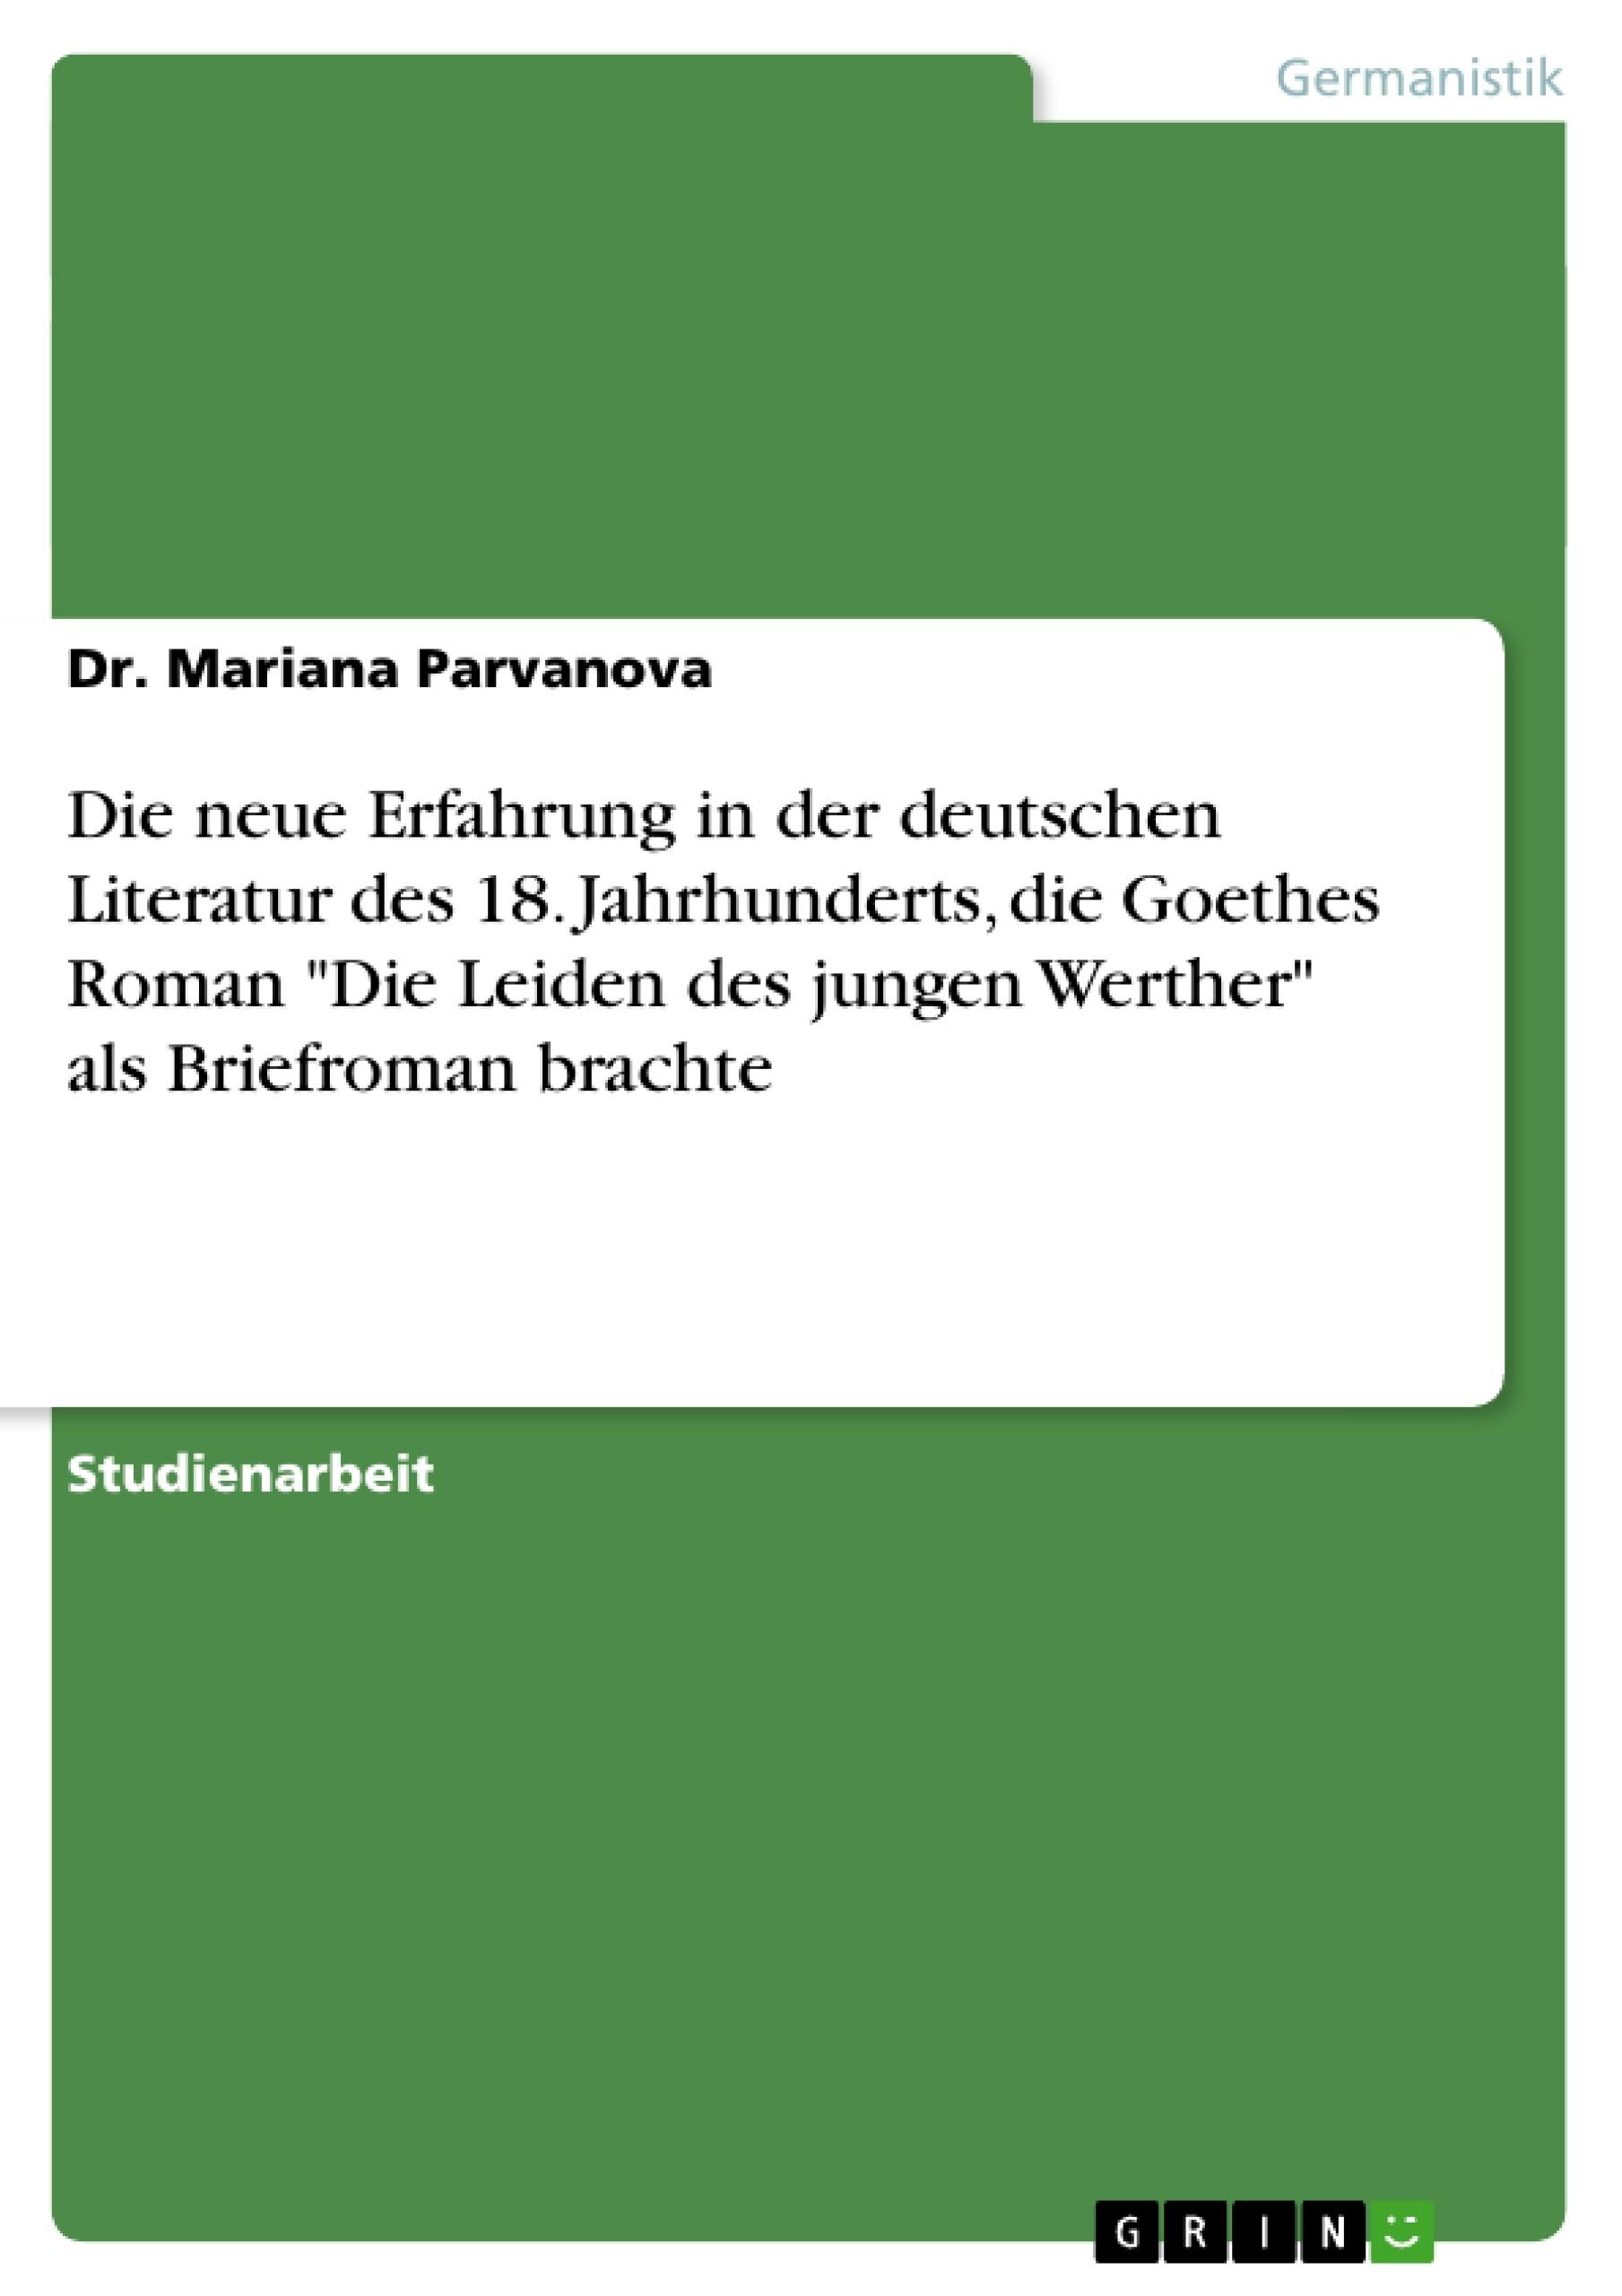 """Titel: Die neue Erfahrung in der deutschen Literatur des 18. Jahrhunderts, die Goethes Roman """"Die Leiden des jungen Werther"""" als Briefroman brachte"""